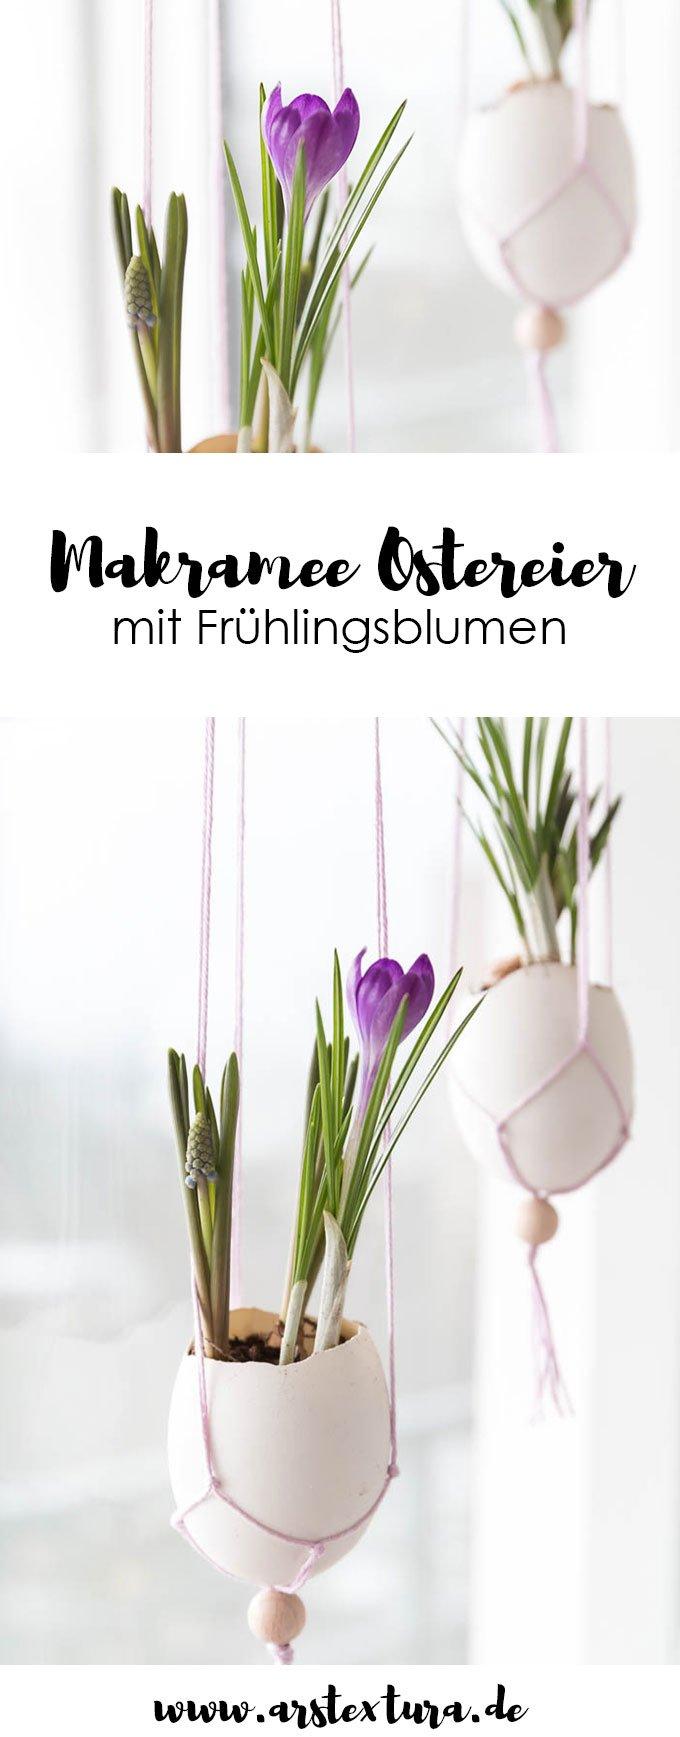 Ostern Dekoration selber machen: Makramee Ostereier fürs Fenstern mit Frühlingsblumen basteln | Ostern basteln | Fenster Dekoration Ostern | ars textura - DIY Blog